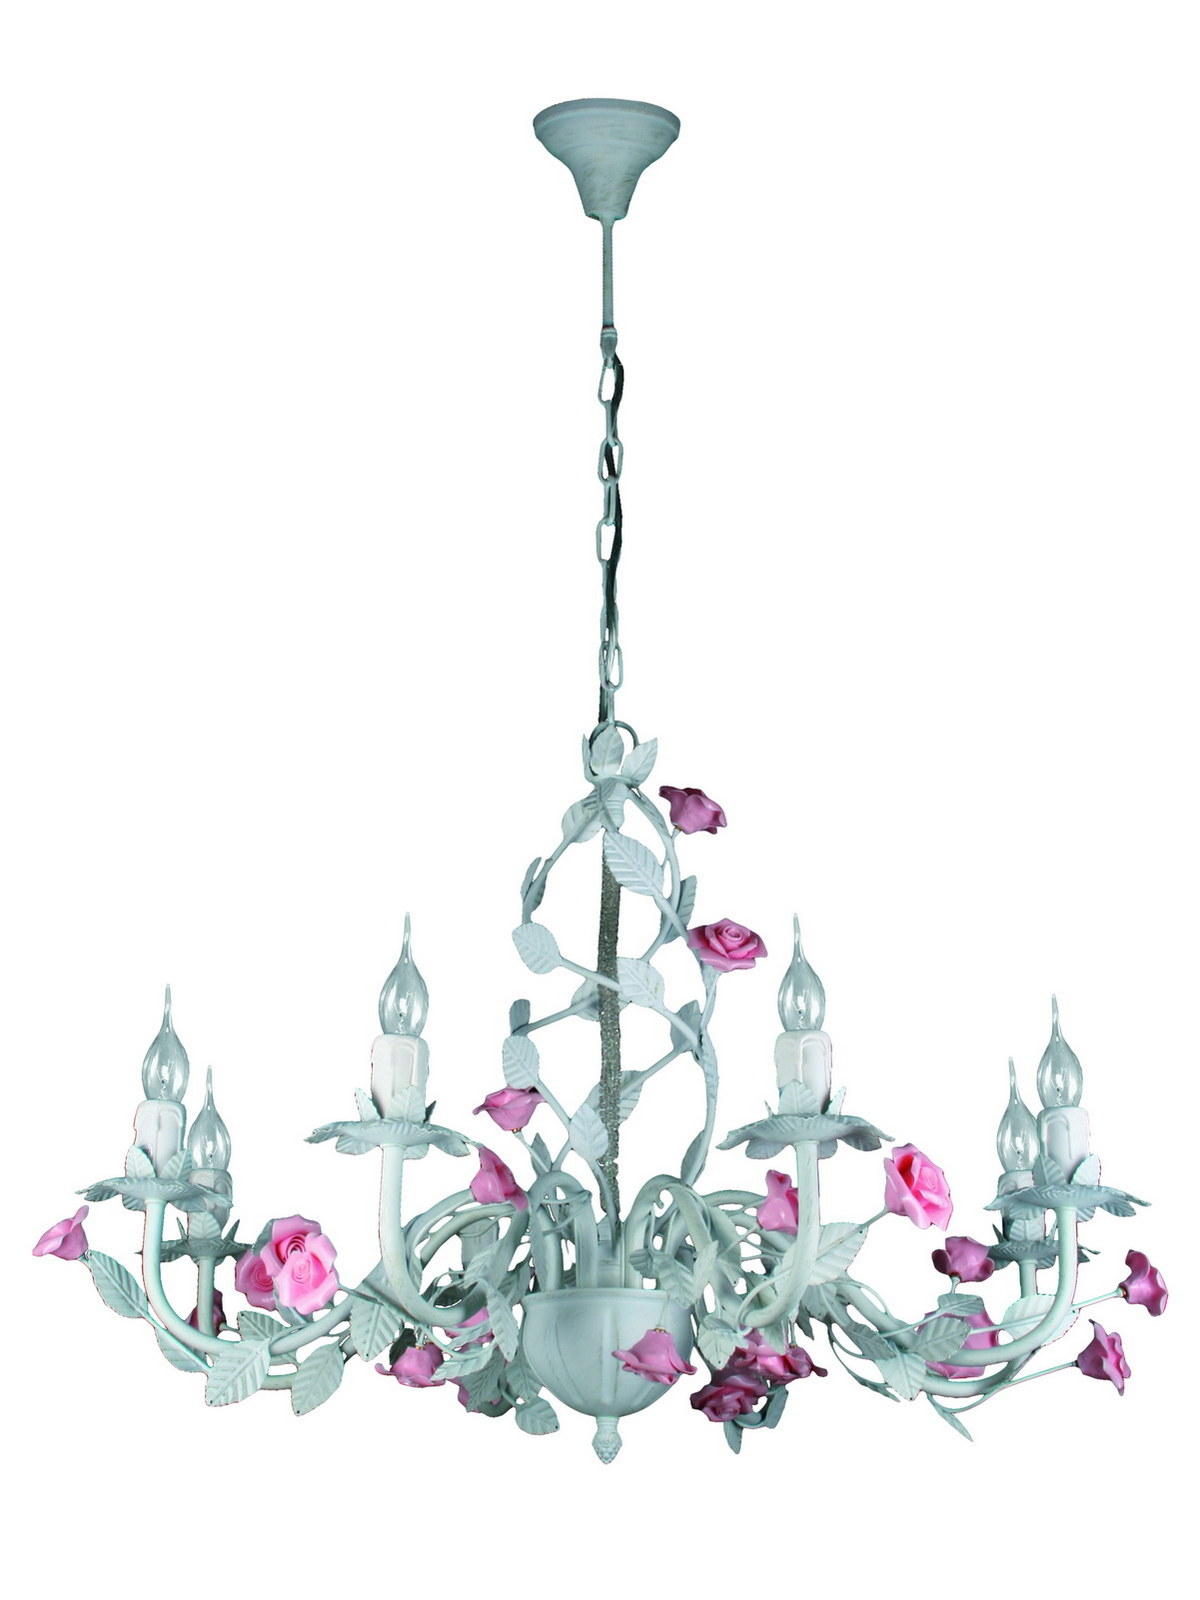 Люстра МАКСИСВЕТЛюстры<br>Назначение светильника: для гостиной, Стиль светильника: флористика, Тип: потолочная, Материал светильника: металл, керамика, Материал арматуры: металл, Длина (мм): 700, Ширина: 700, Высота: 550, Количество ламп: 8, Тип лампы: накаливания, Мощность: 40, Патрон: Е14, Пульт ДУ: нет, Цвет арматуры: белый, Родина бренда: Россия, Коллекция: ca622a<br>